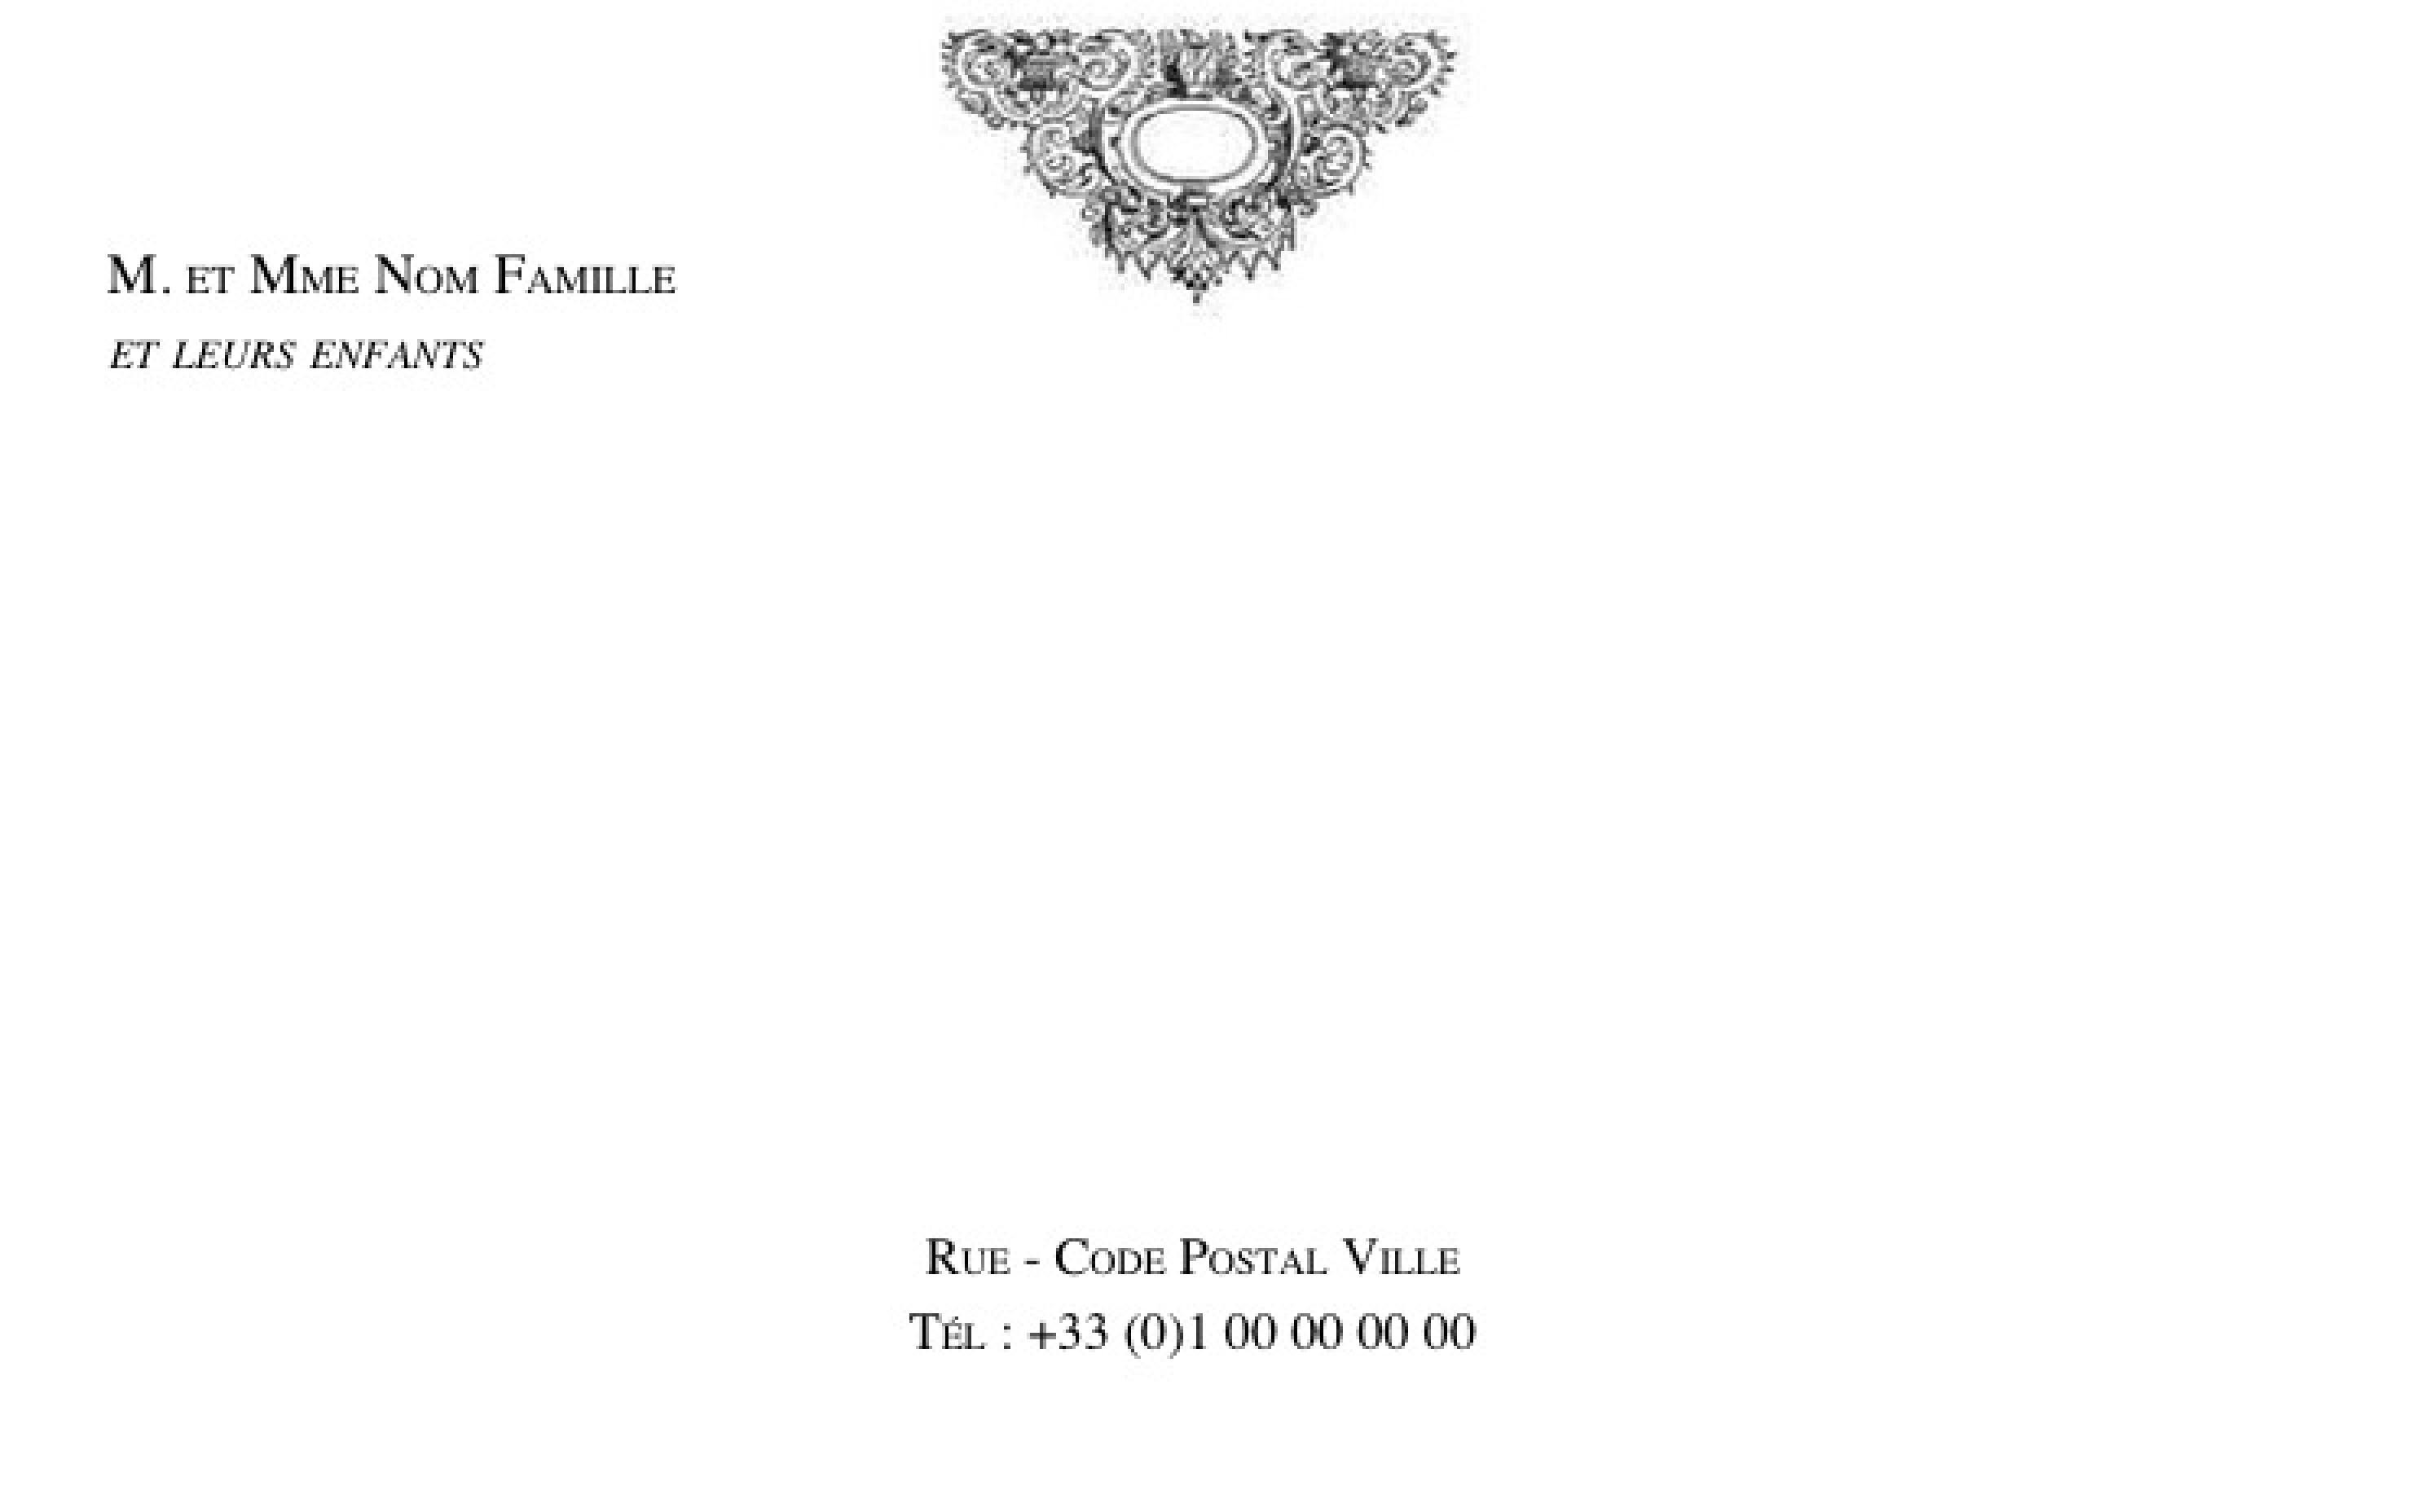 BModle Carte De Visite Gratuit Pour Particulier Personnaliser B Familiale Grand Format Famille Avec Ornement En